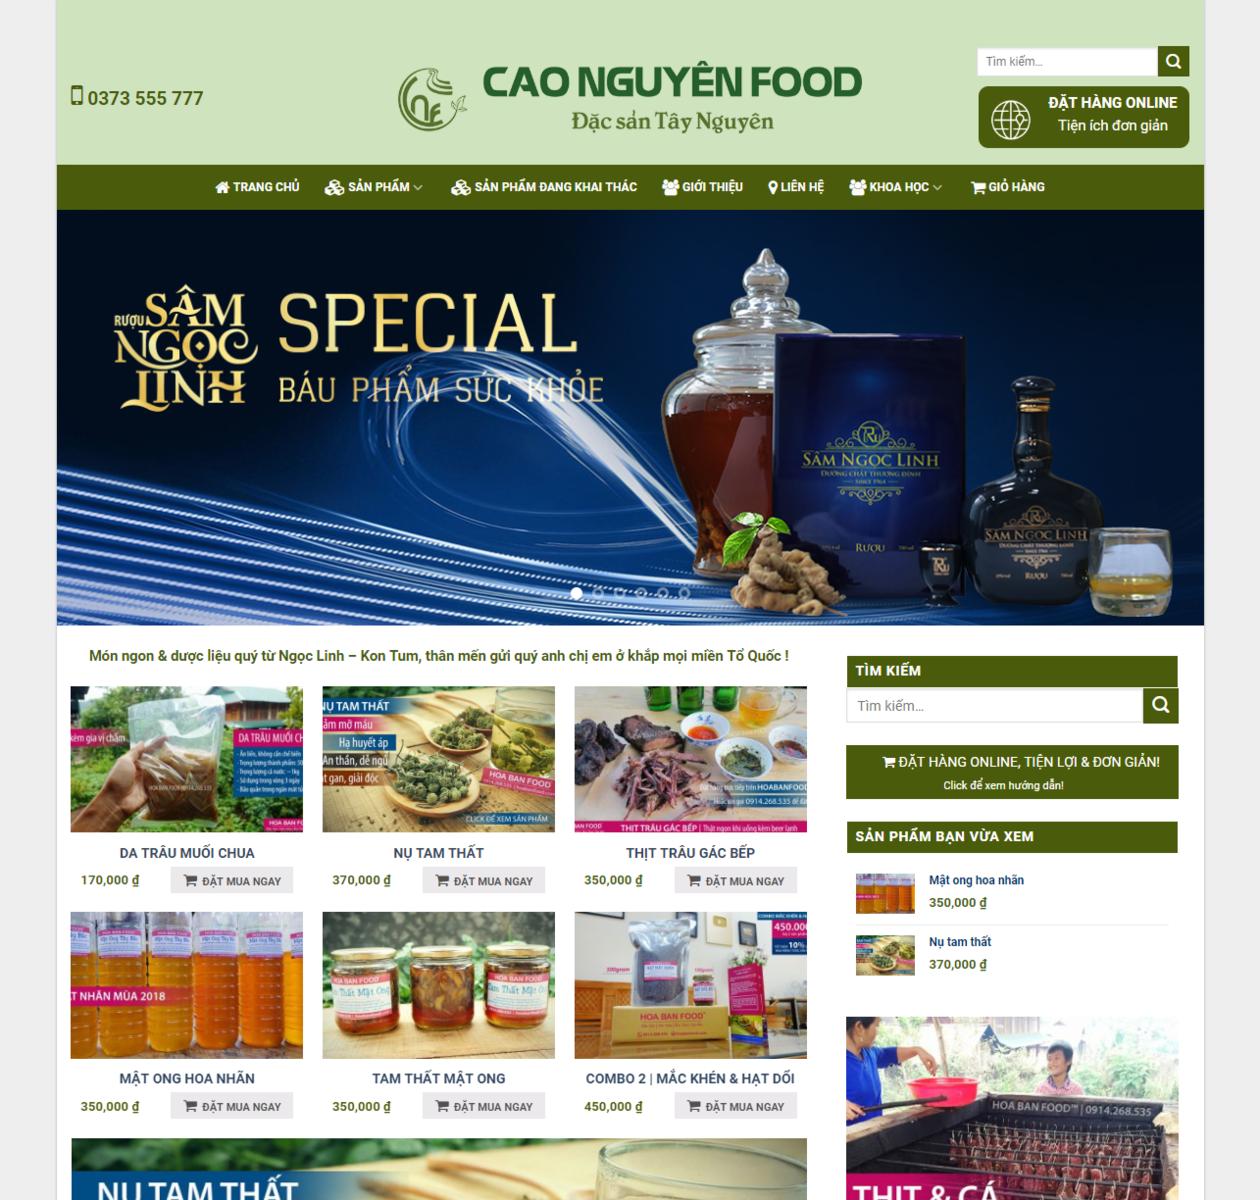 Mẫu web bán hàng đặc sản tây bắc thumbnail